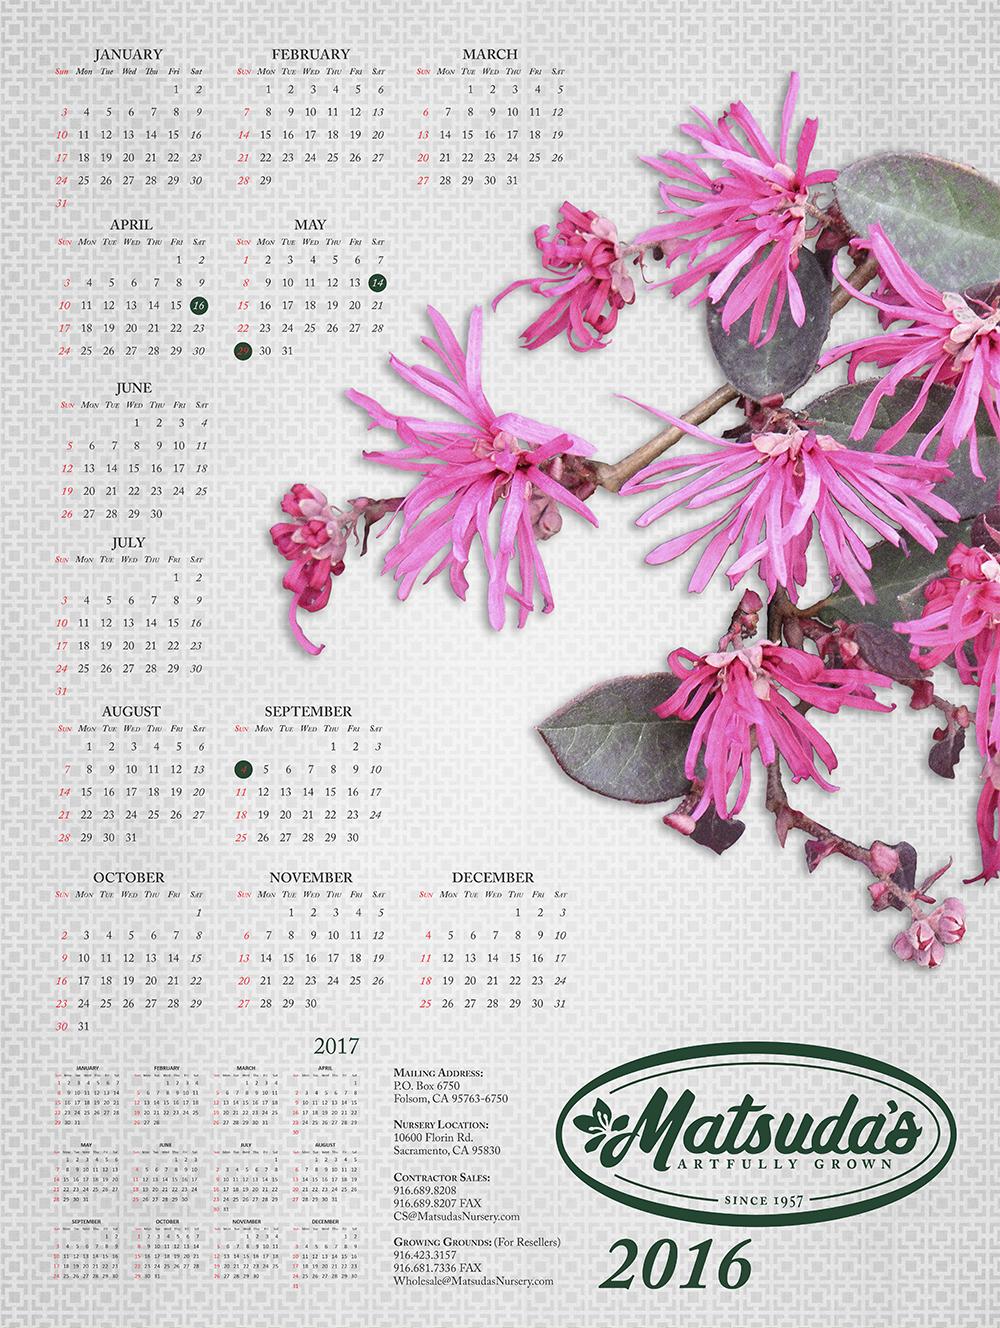 Matsuda's 2016 Calendar